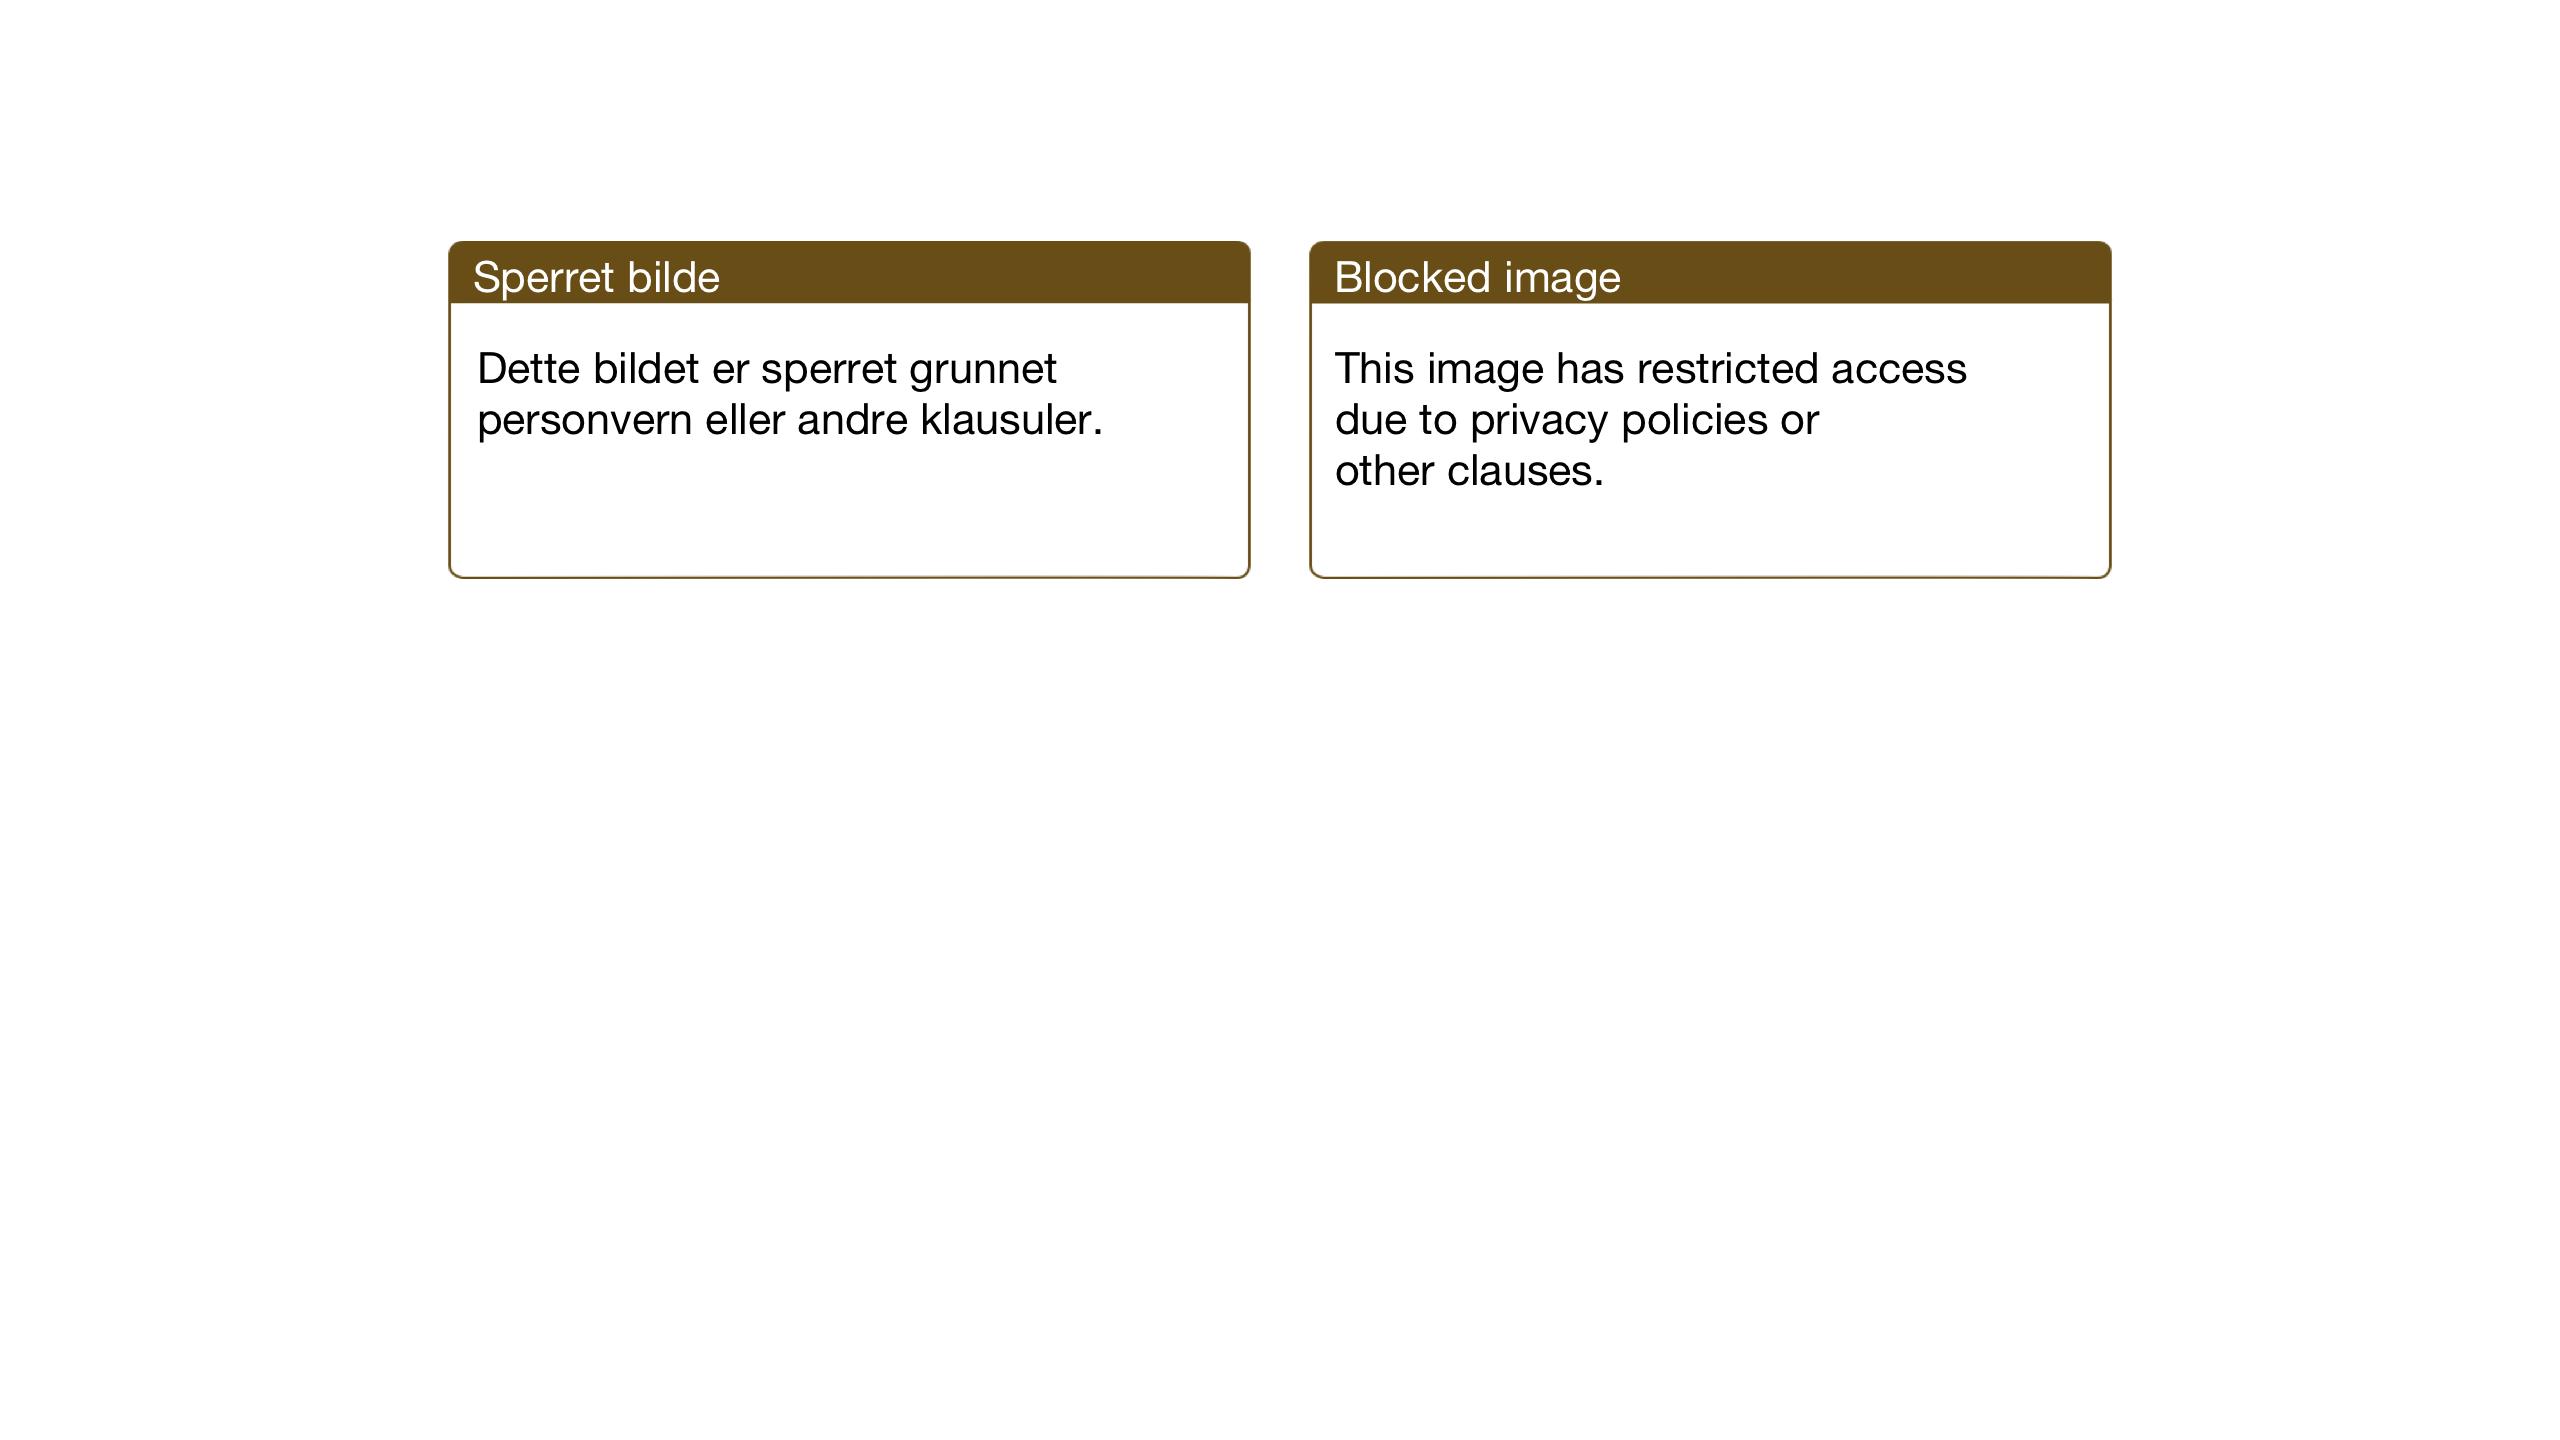 SAT, Ministerialprotokoller, klokkerbøker og fødselsregistre - Sør-Trøndelag, 688/L1030: Klokkerbok nr. 688C05, 1916-1939, s. 72